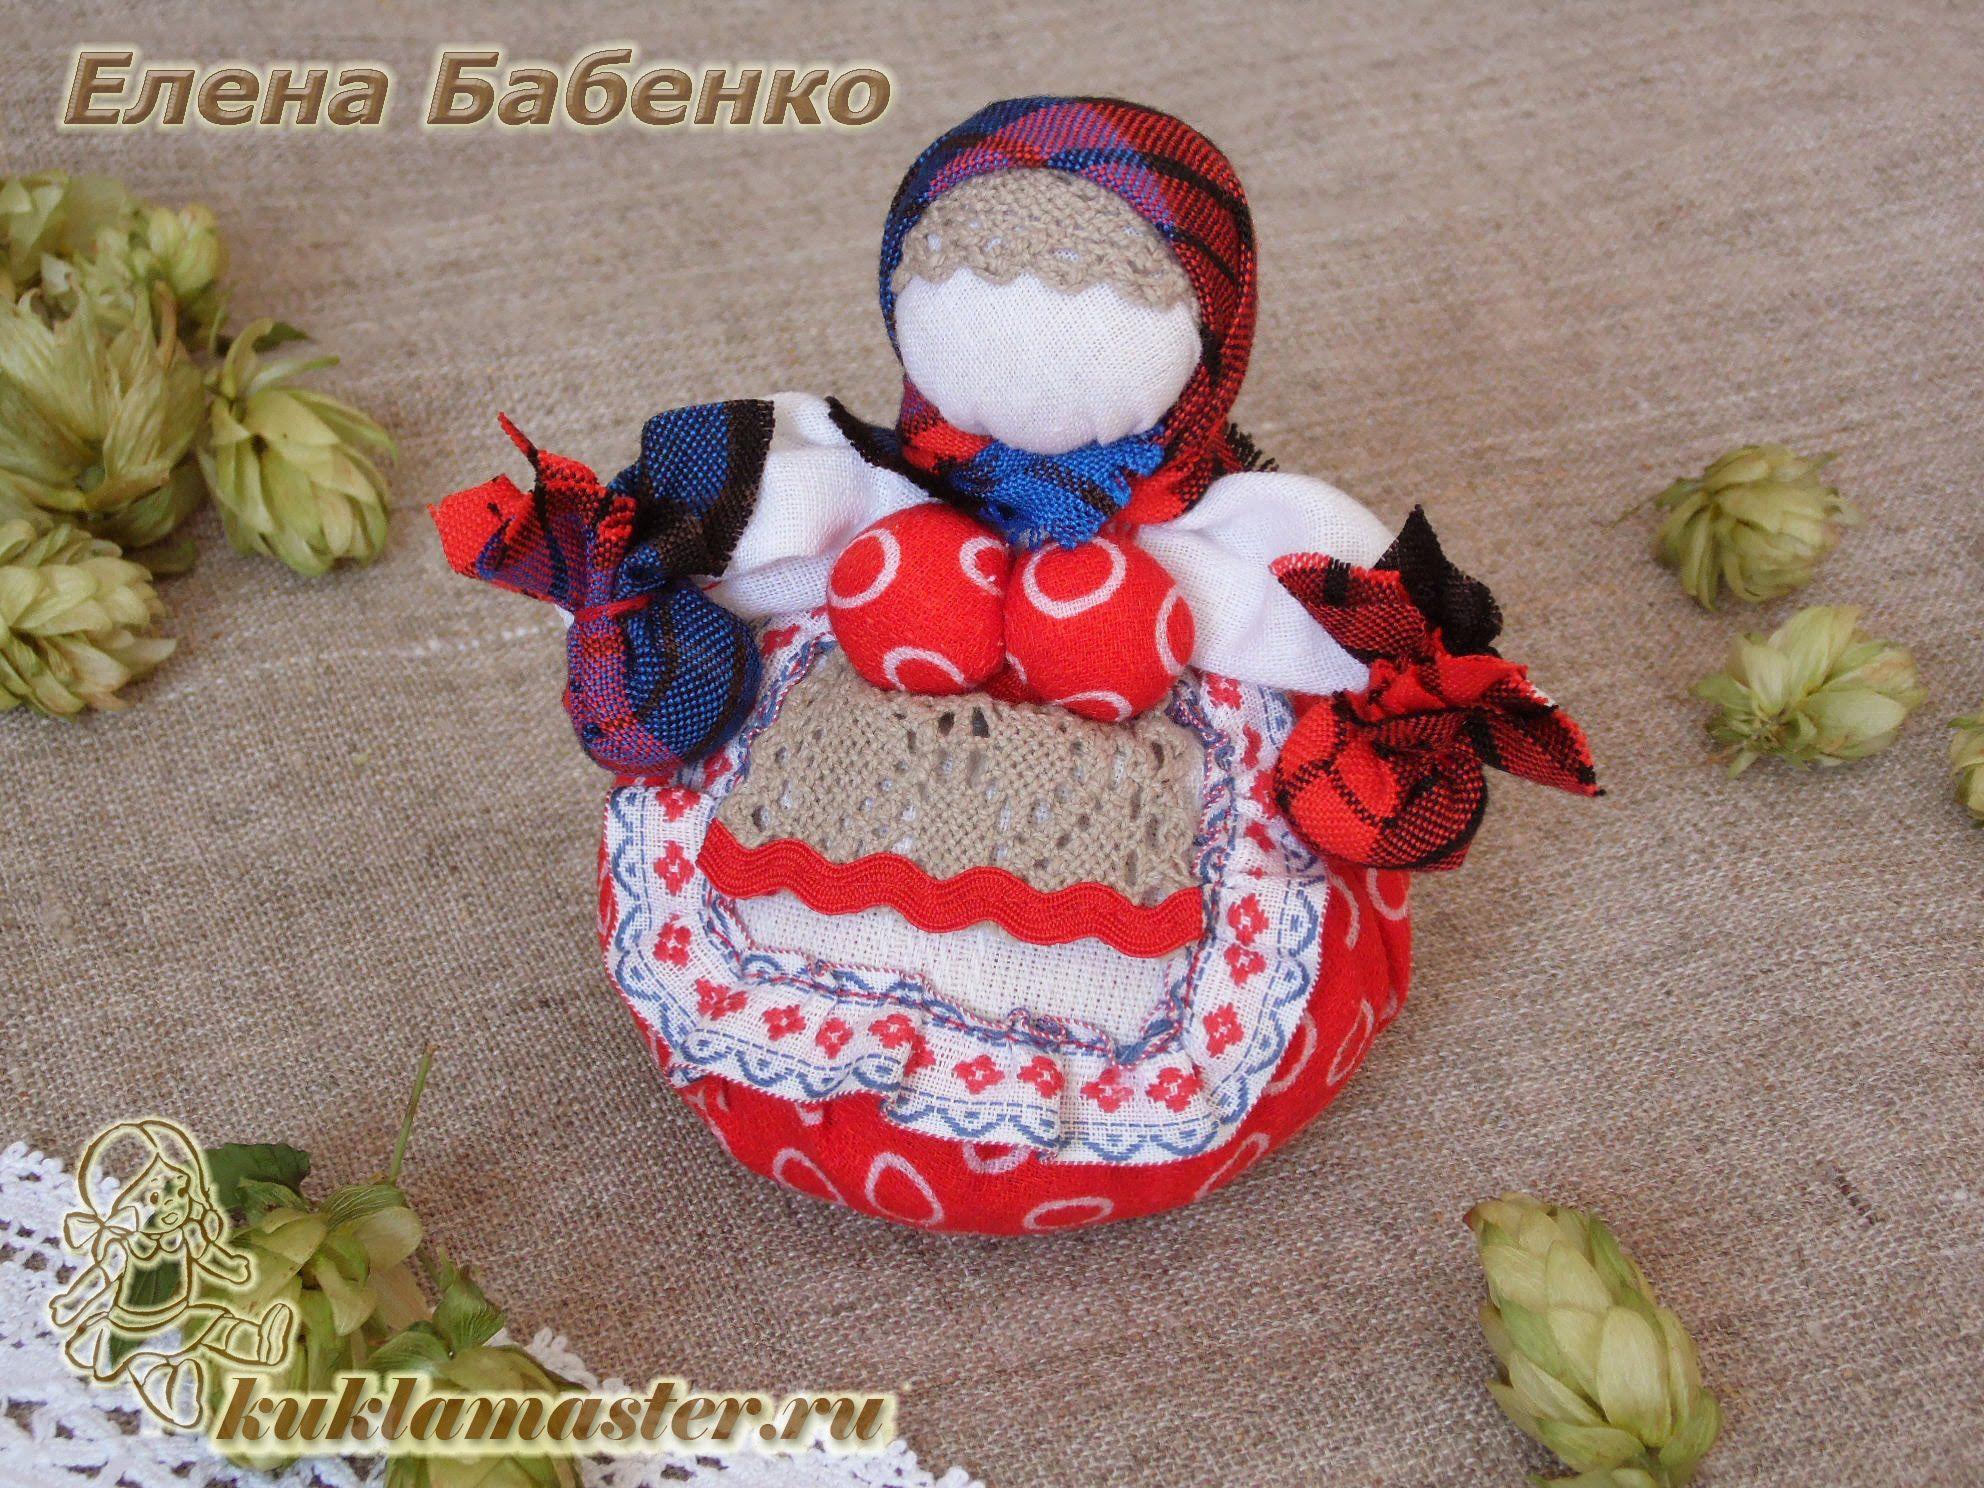 Кукла своими руками пошагово из ткани